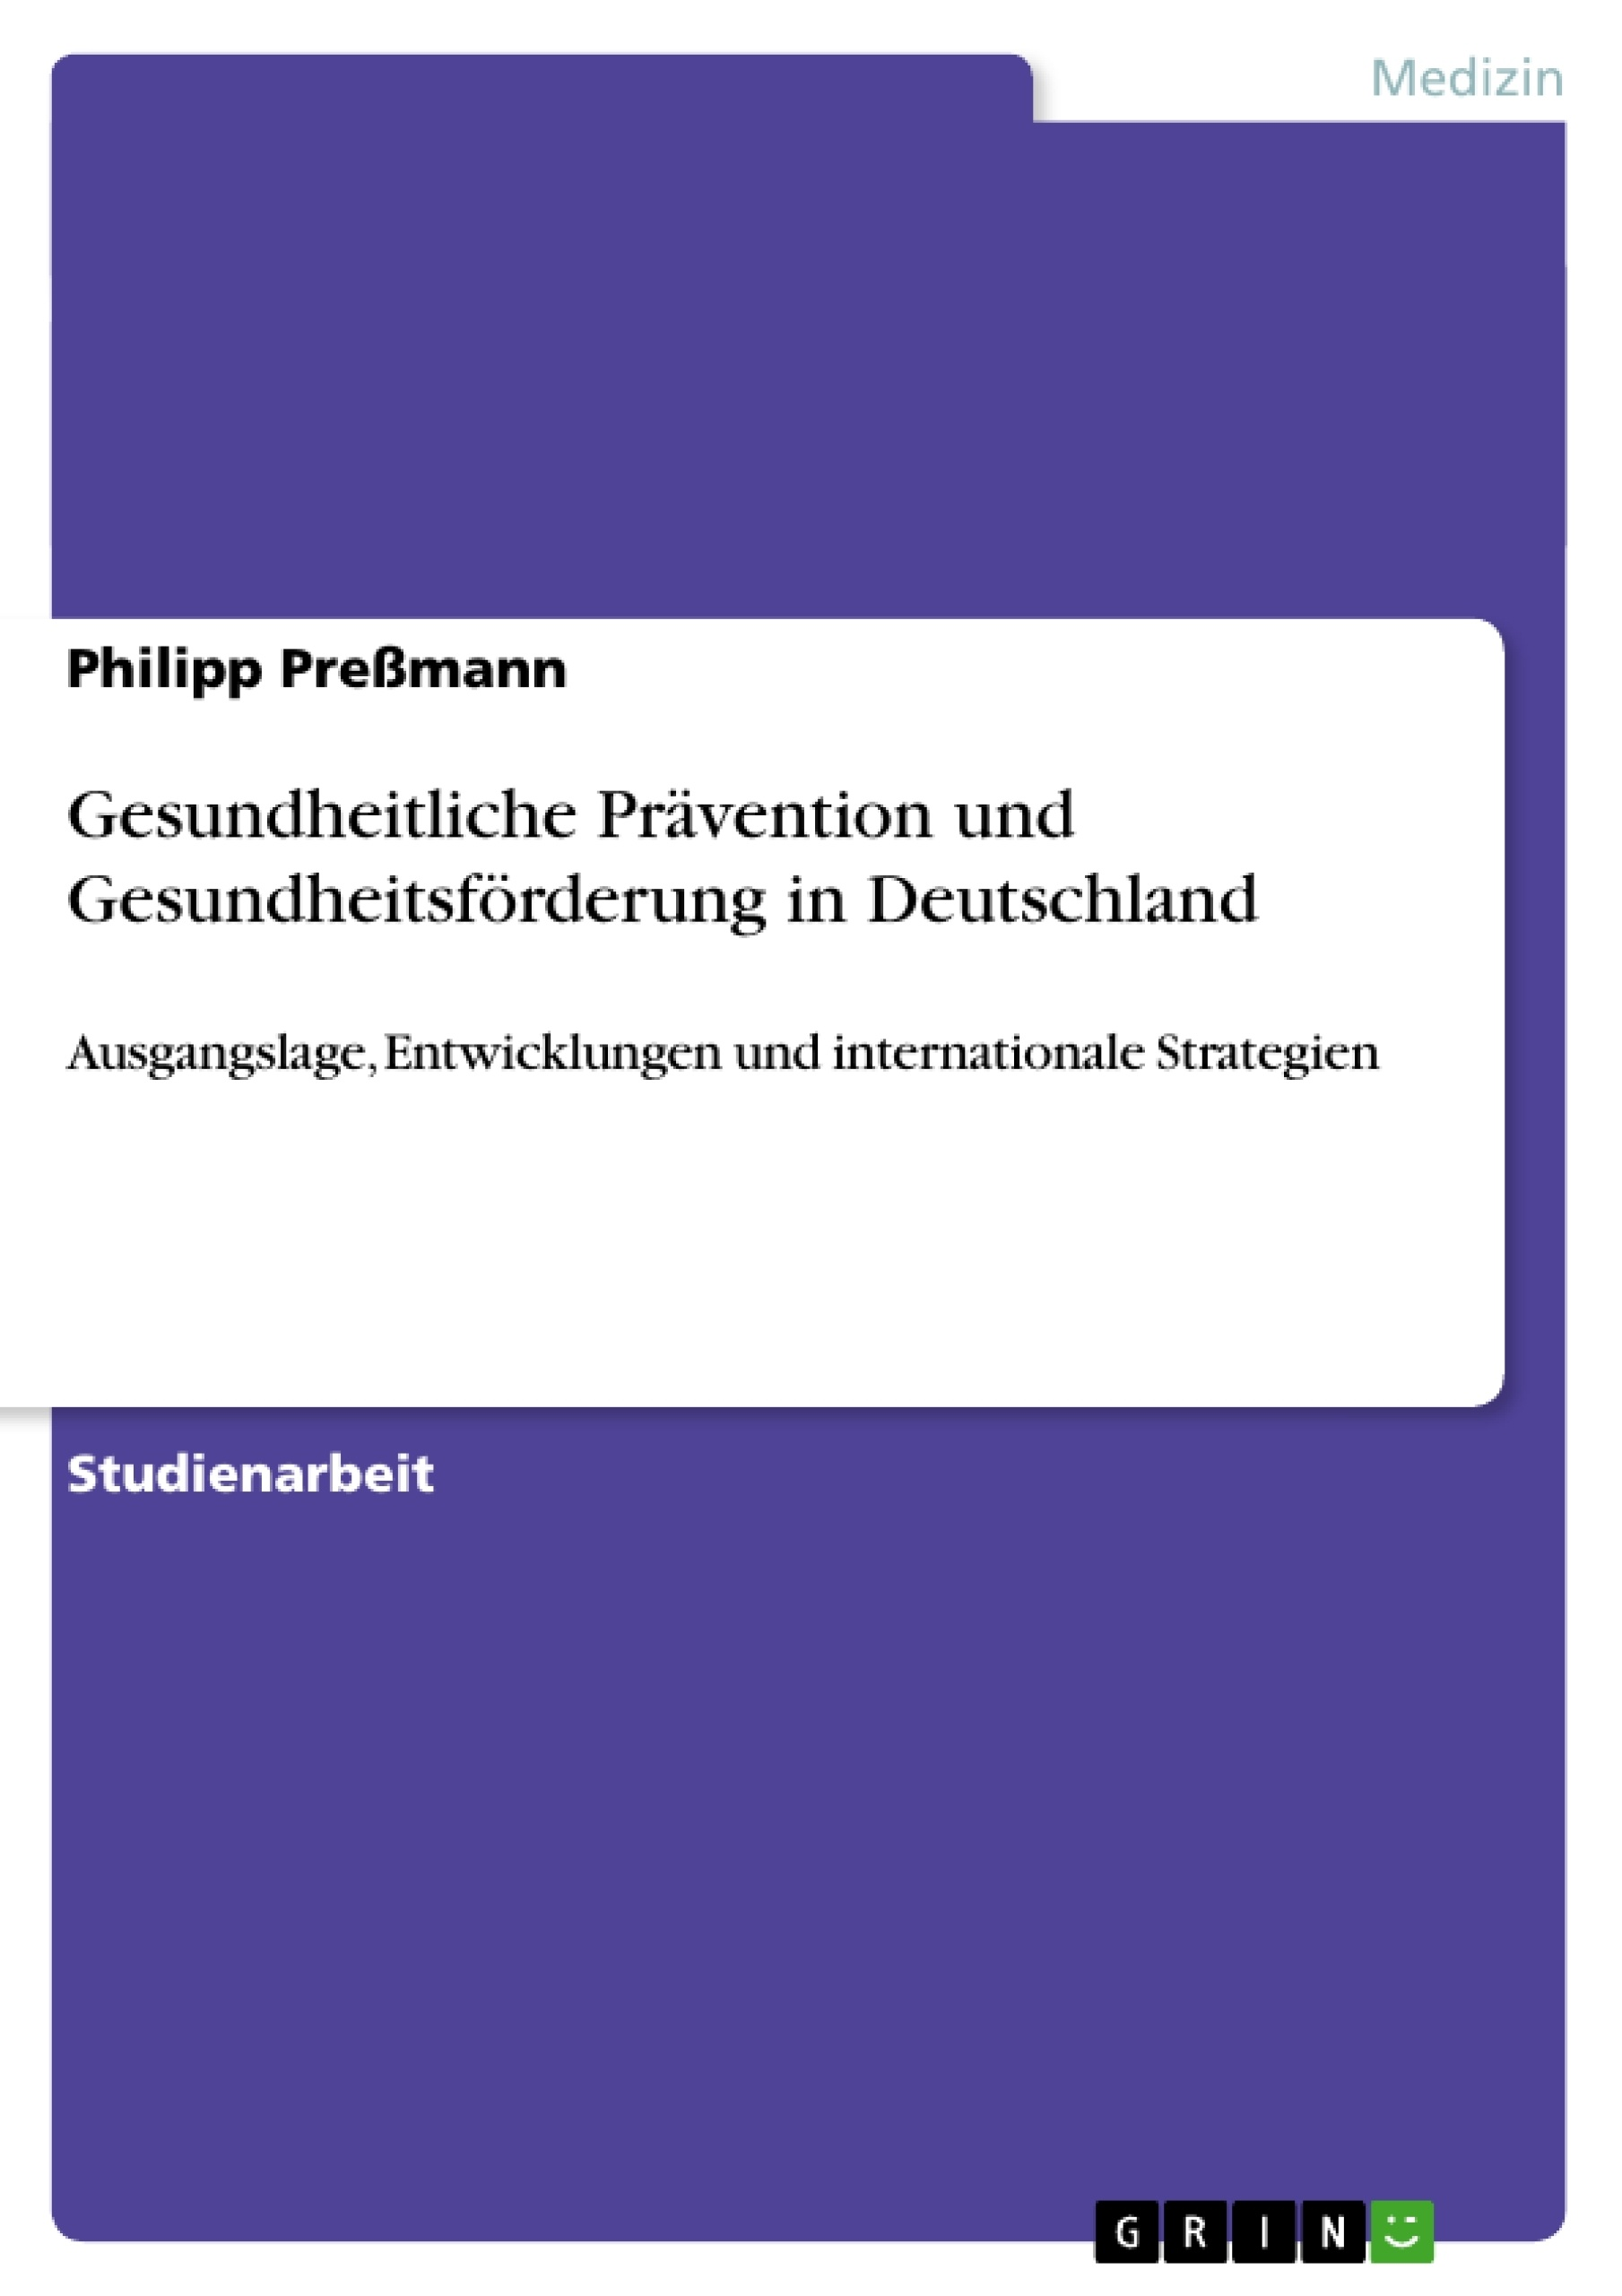 Titel: Gesundheitliche Prävention und Gesundheitsförderung in Deutschland